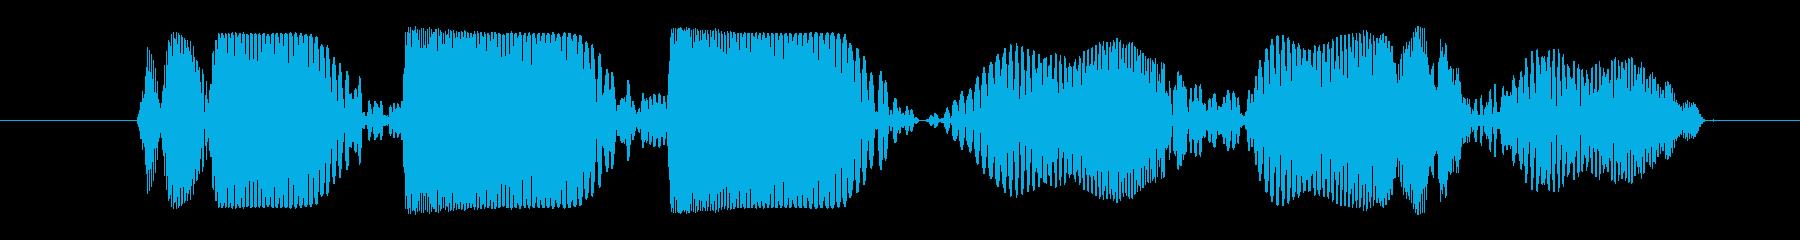 プププププイ(システム系音)の再生済みの波形